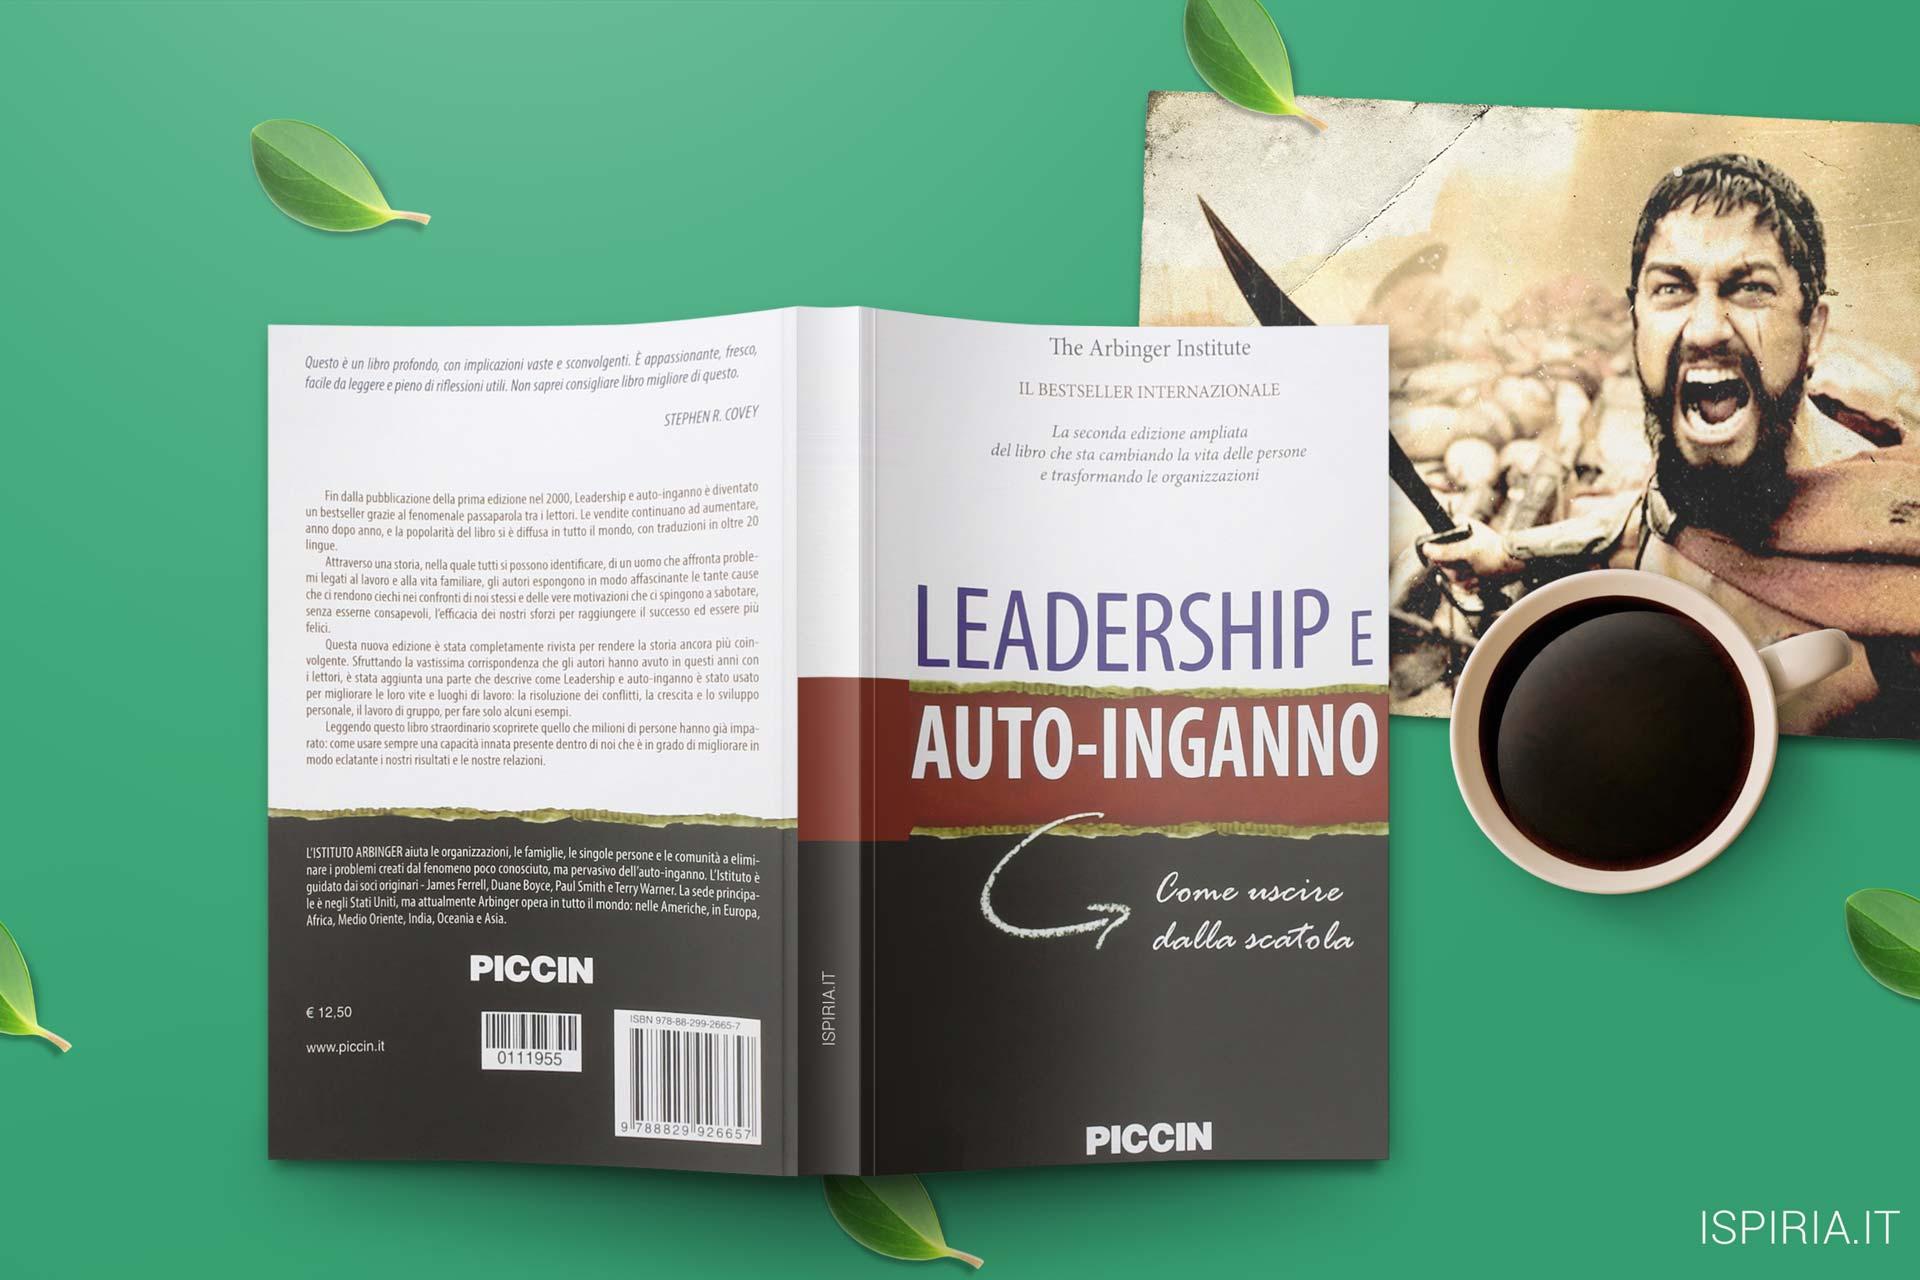 libri-sulla-leadership-migliori-auto-inganno-leader